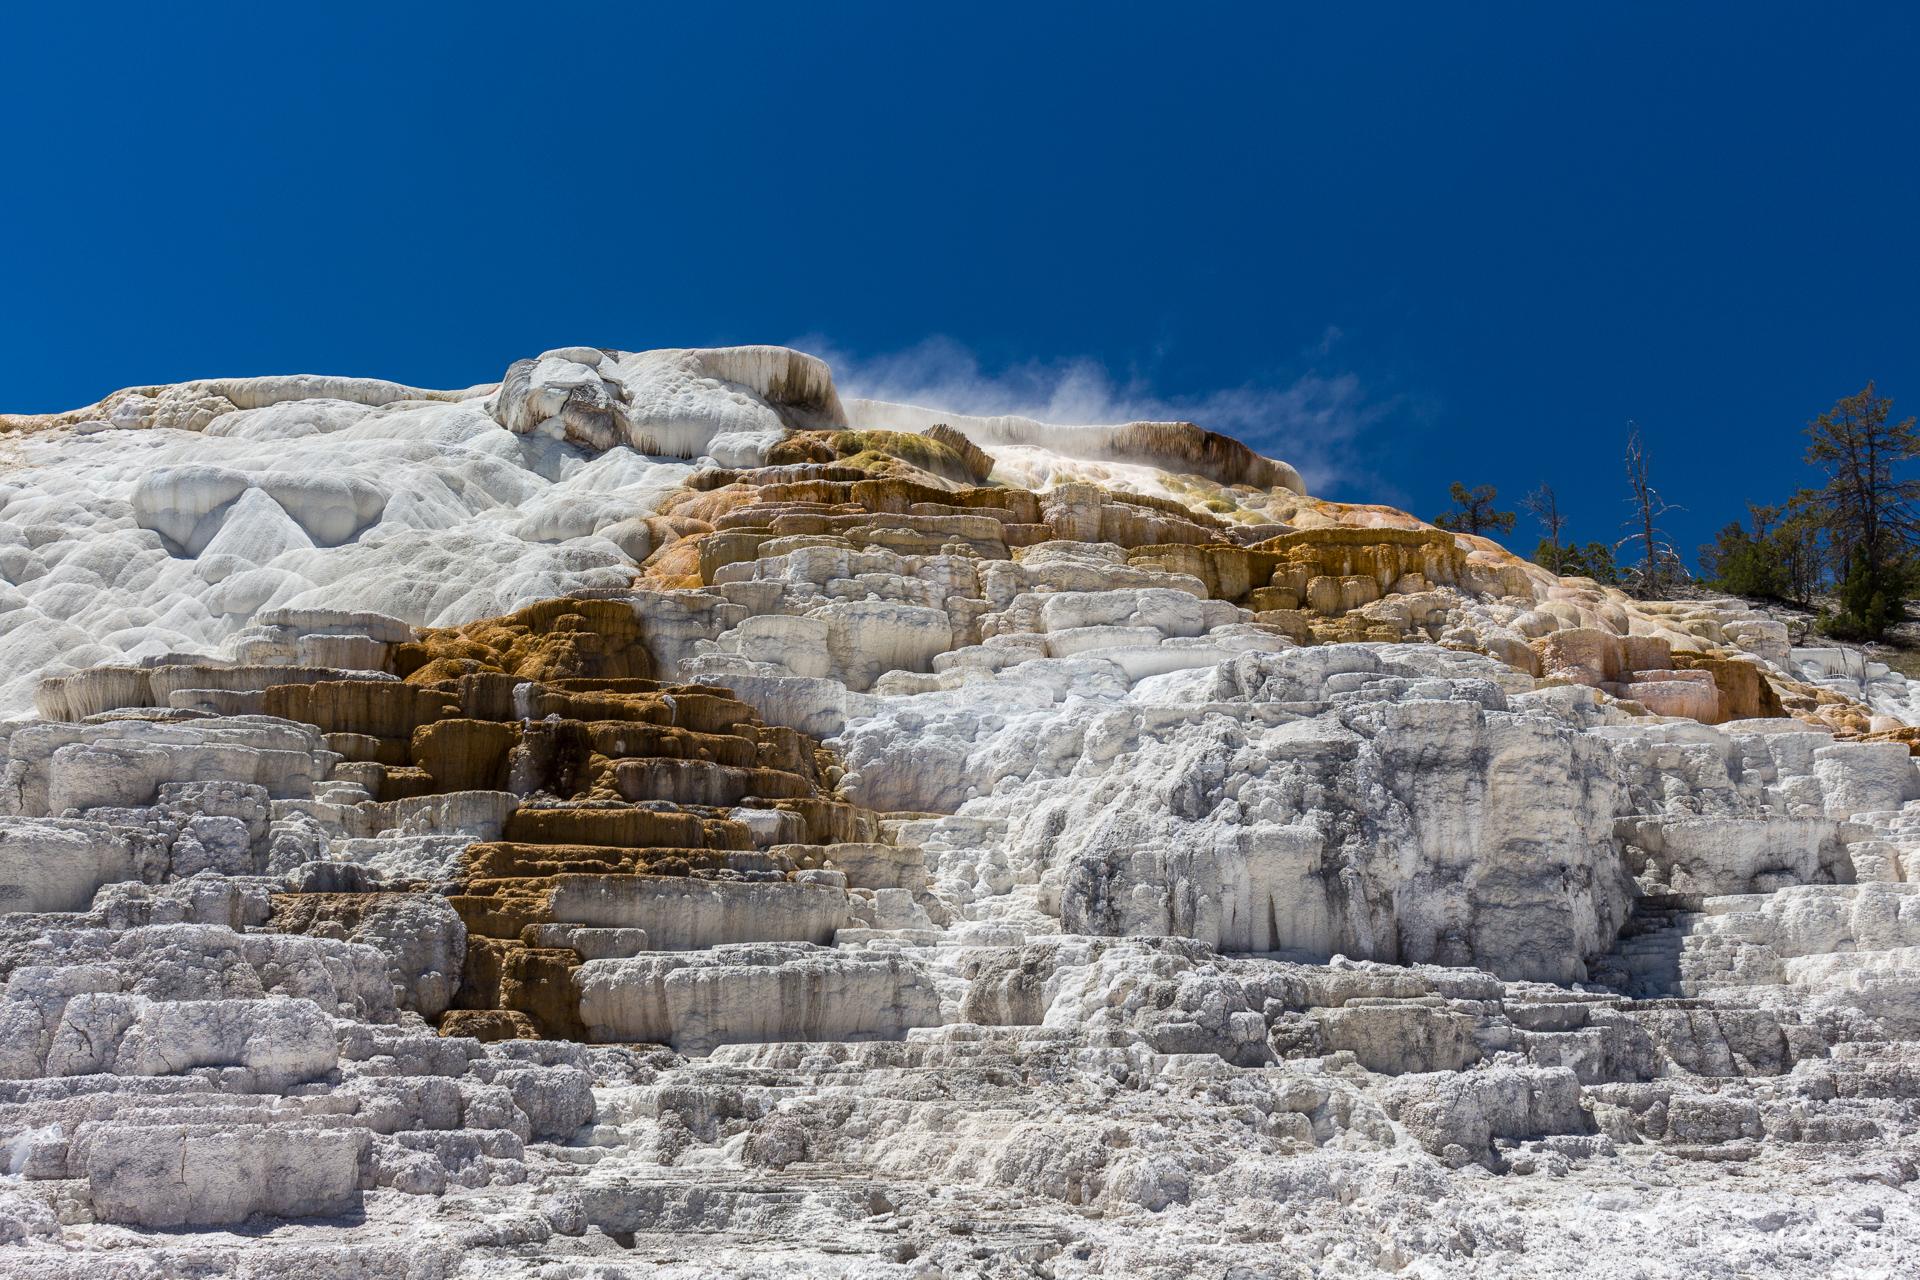 Tag 19 – Weite Landschaften und viele Tiere im Yellowstone